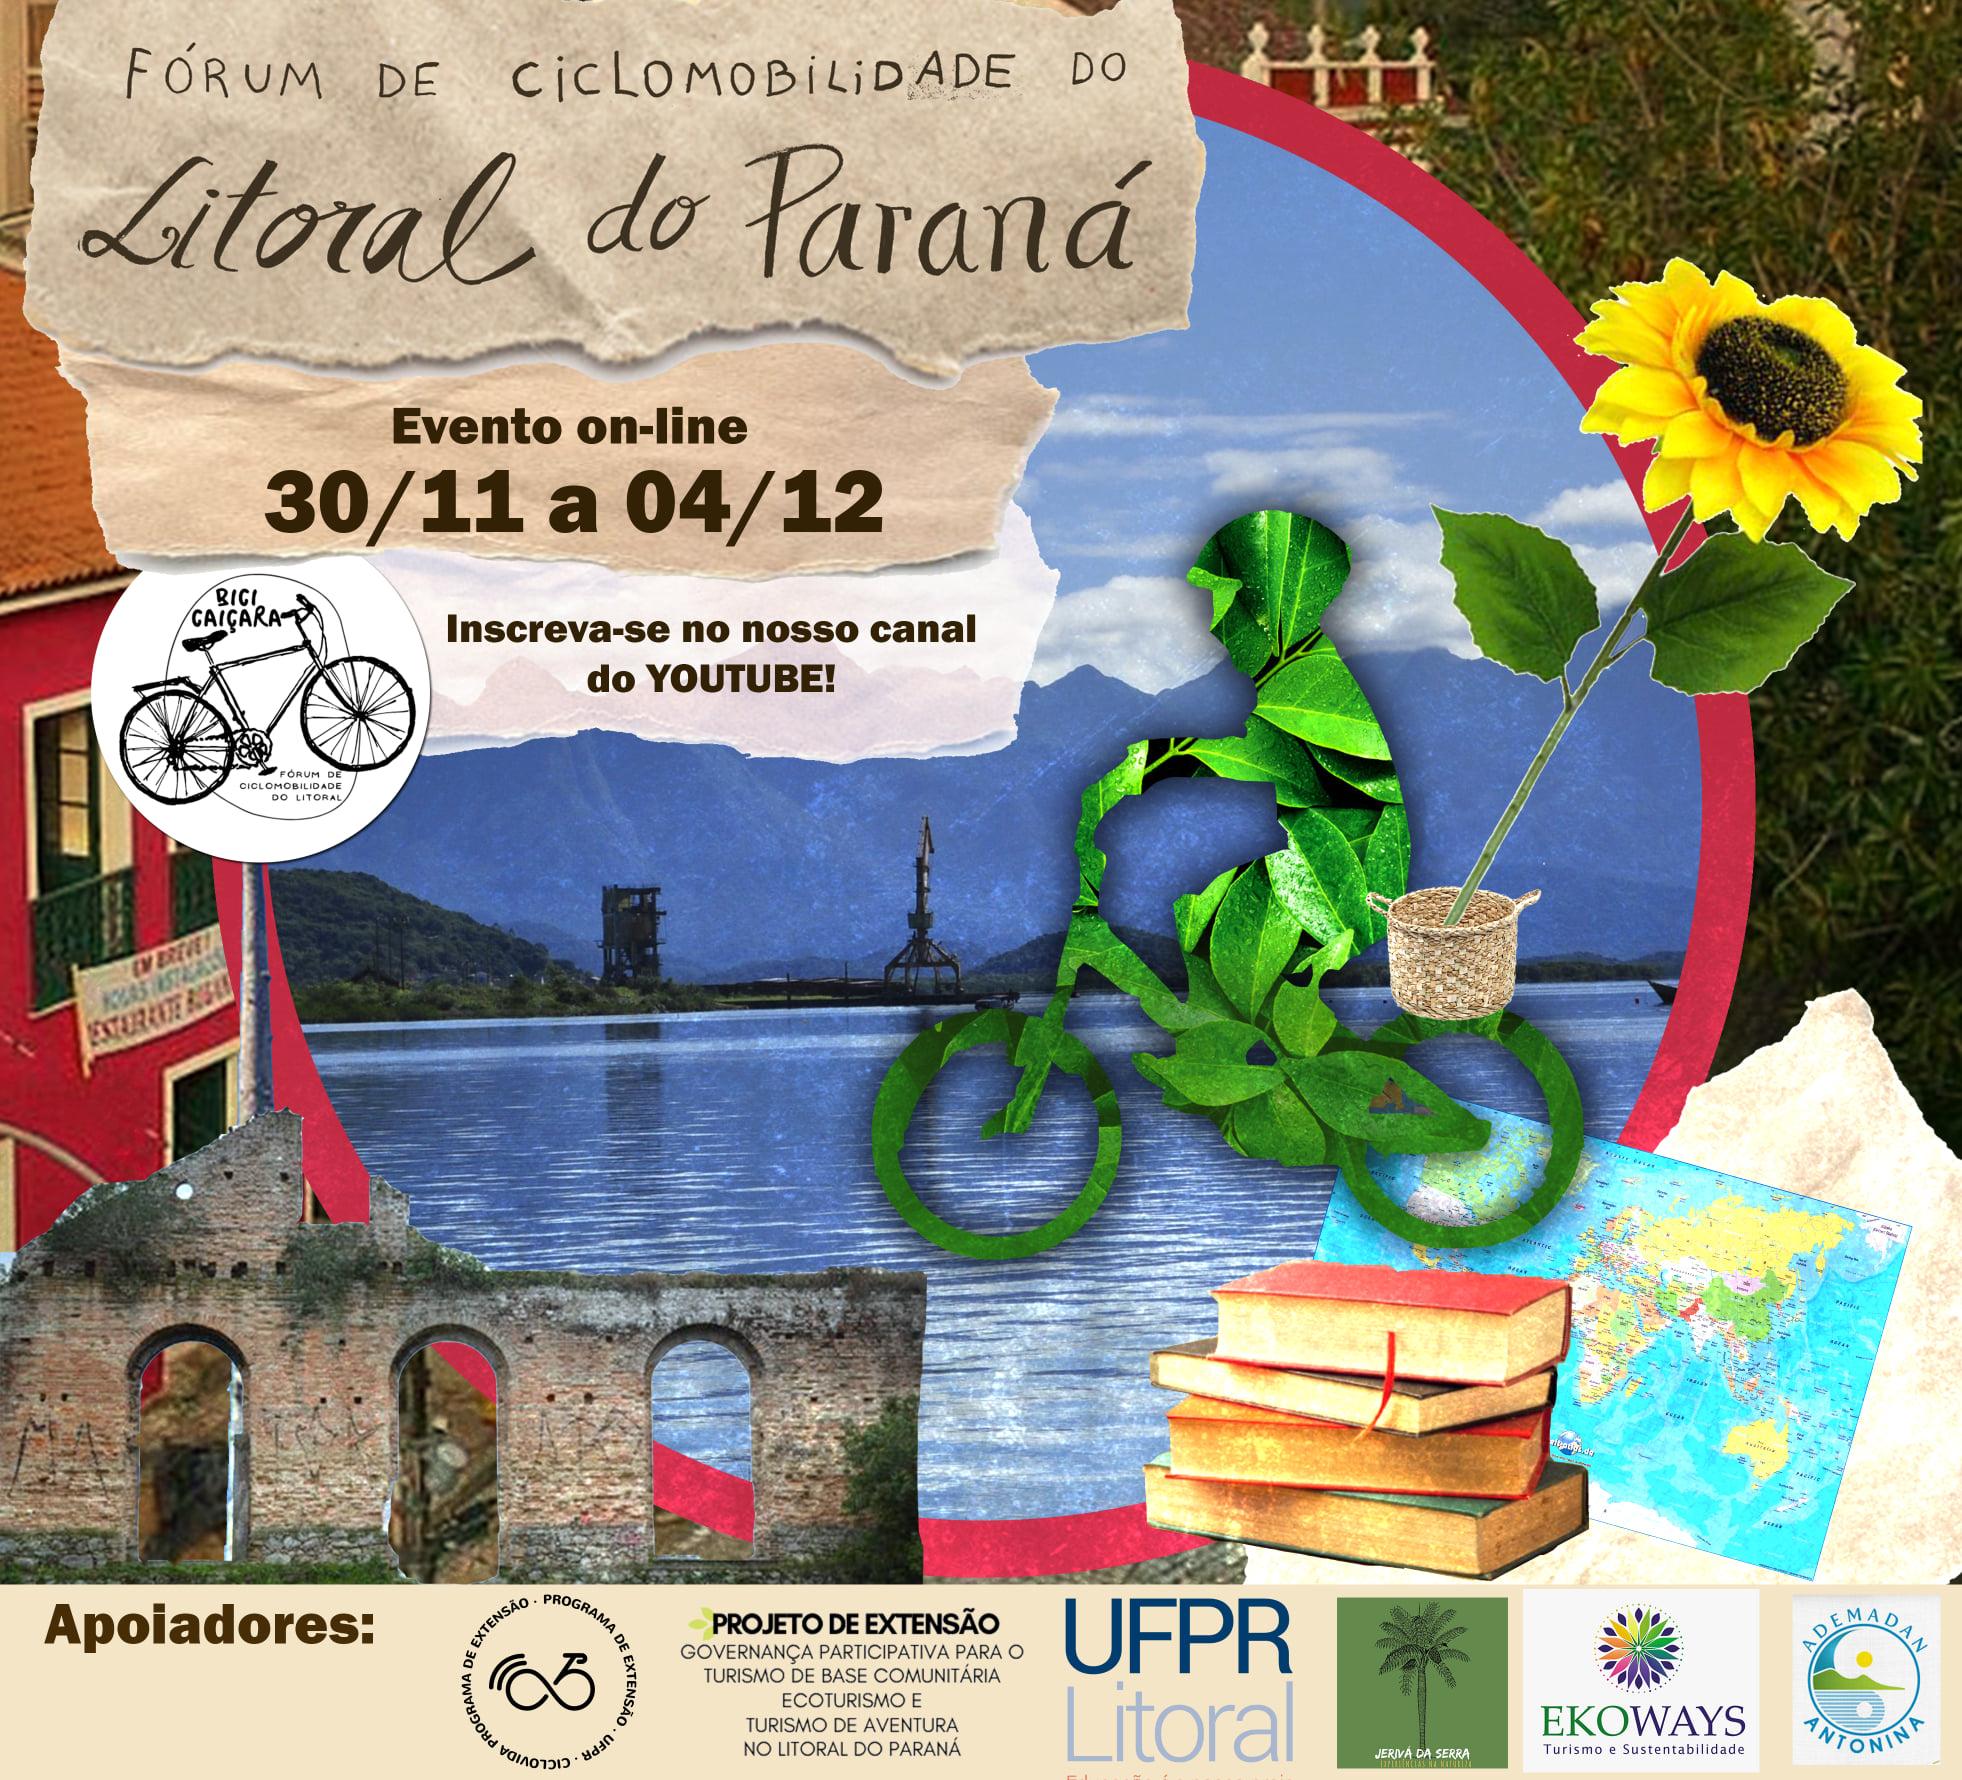 Fórum de Ciclomobilidade do Litoral será realizado on-line